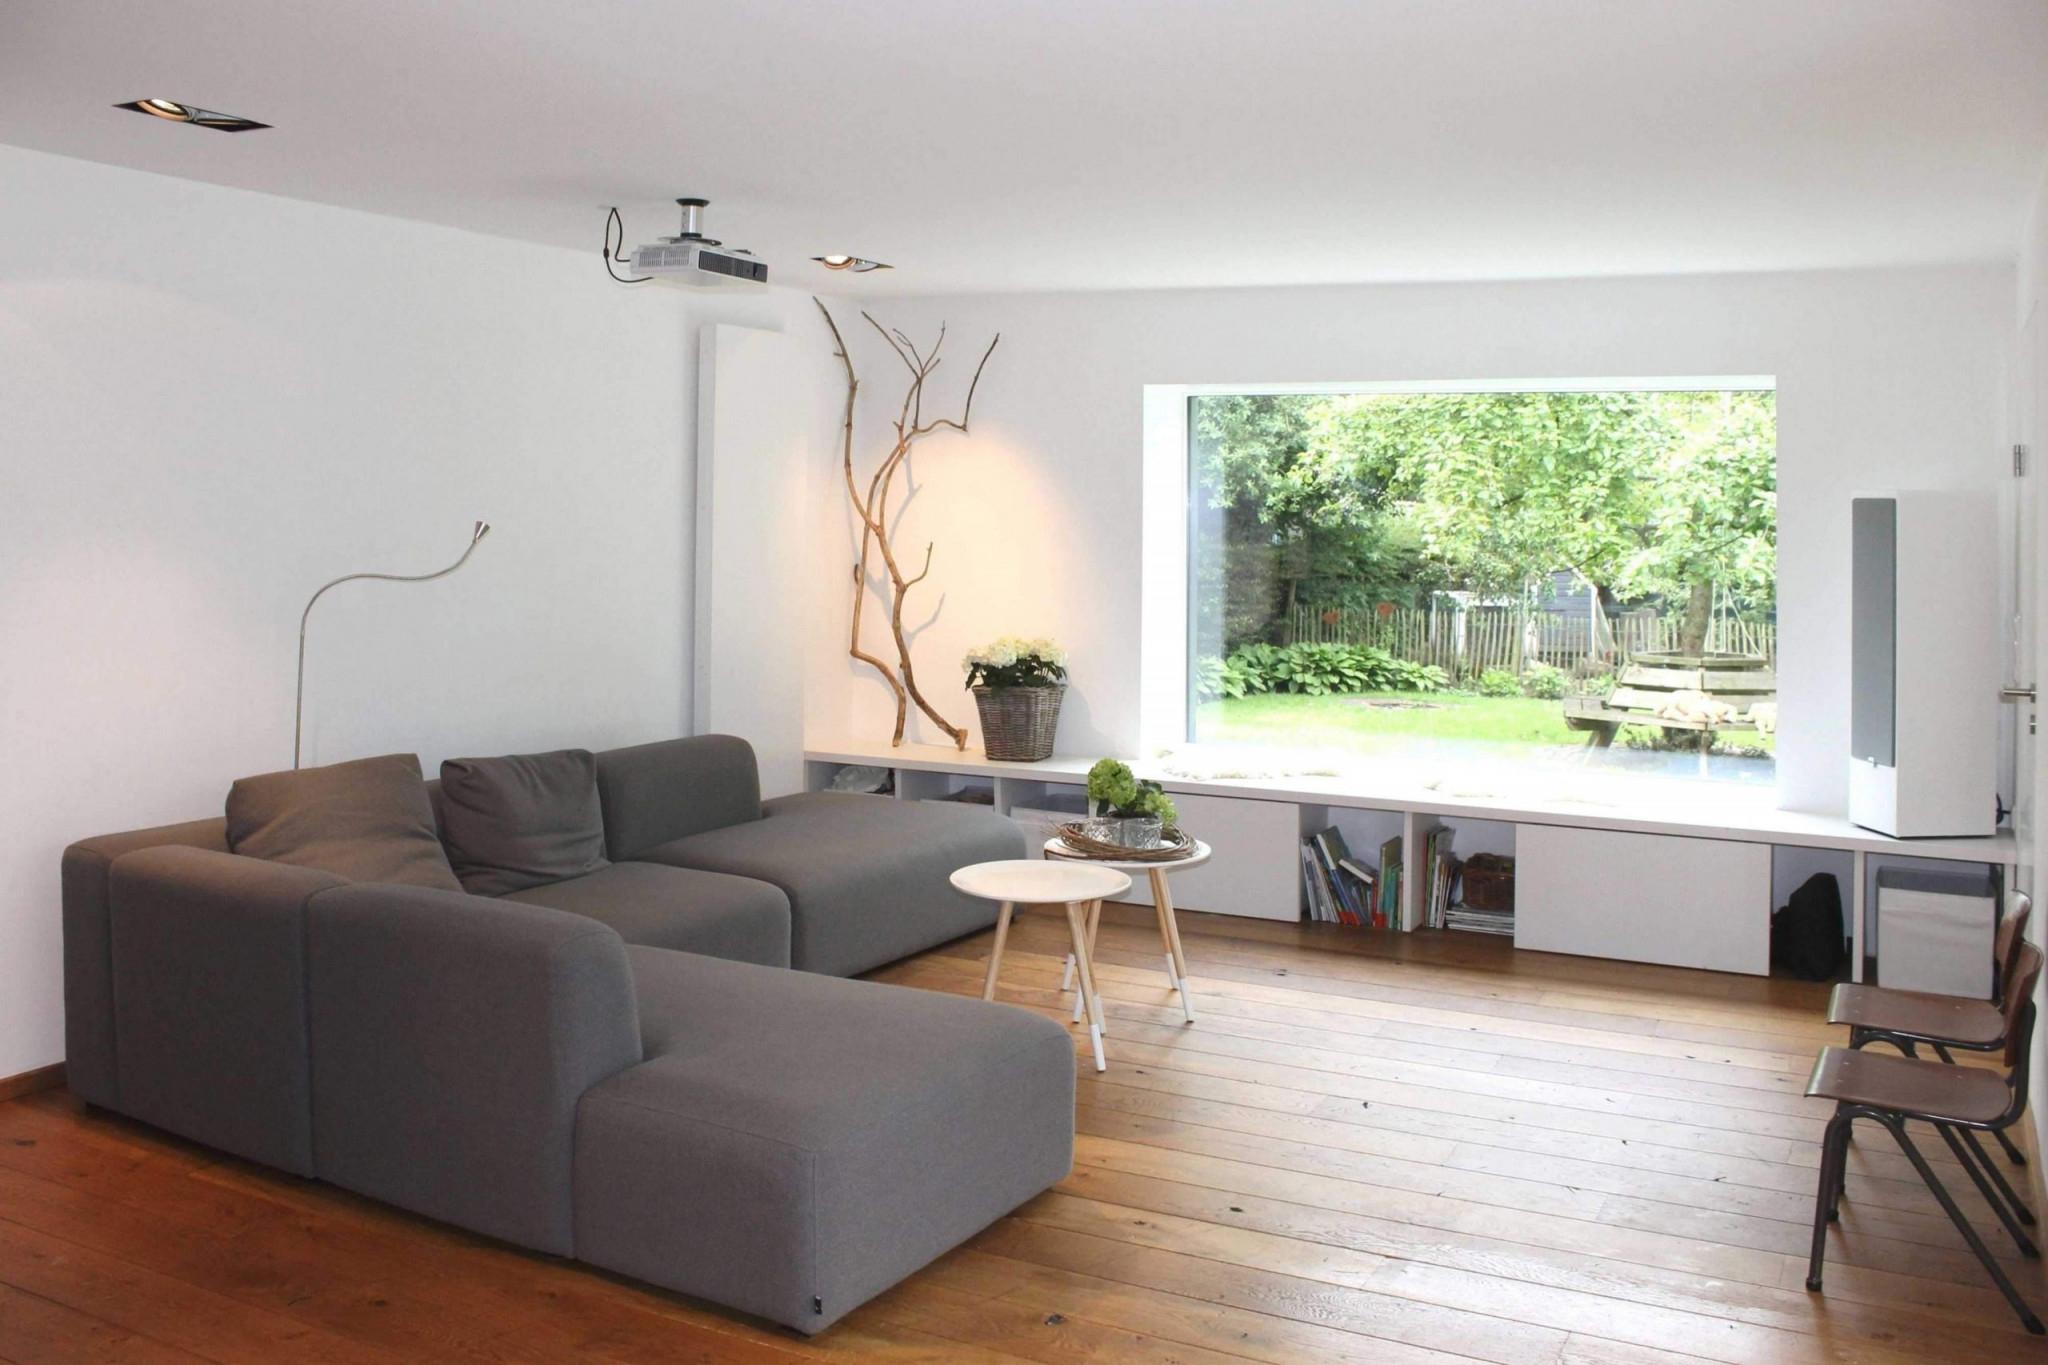 27 Elegant Leinwandbilder Wohnzimmer Genial  Wohnzimmer Frisch von Glasbilder Wohnzimmer Moderne Photo